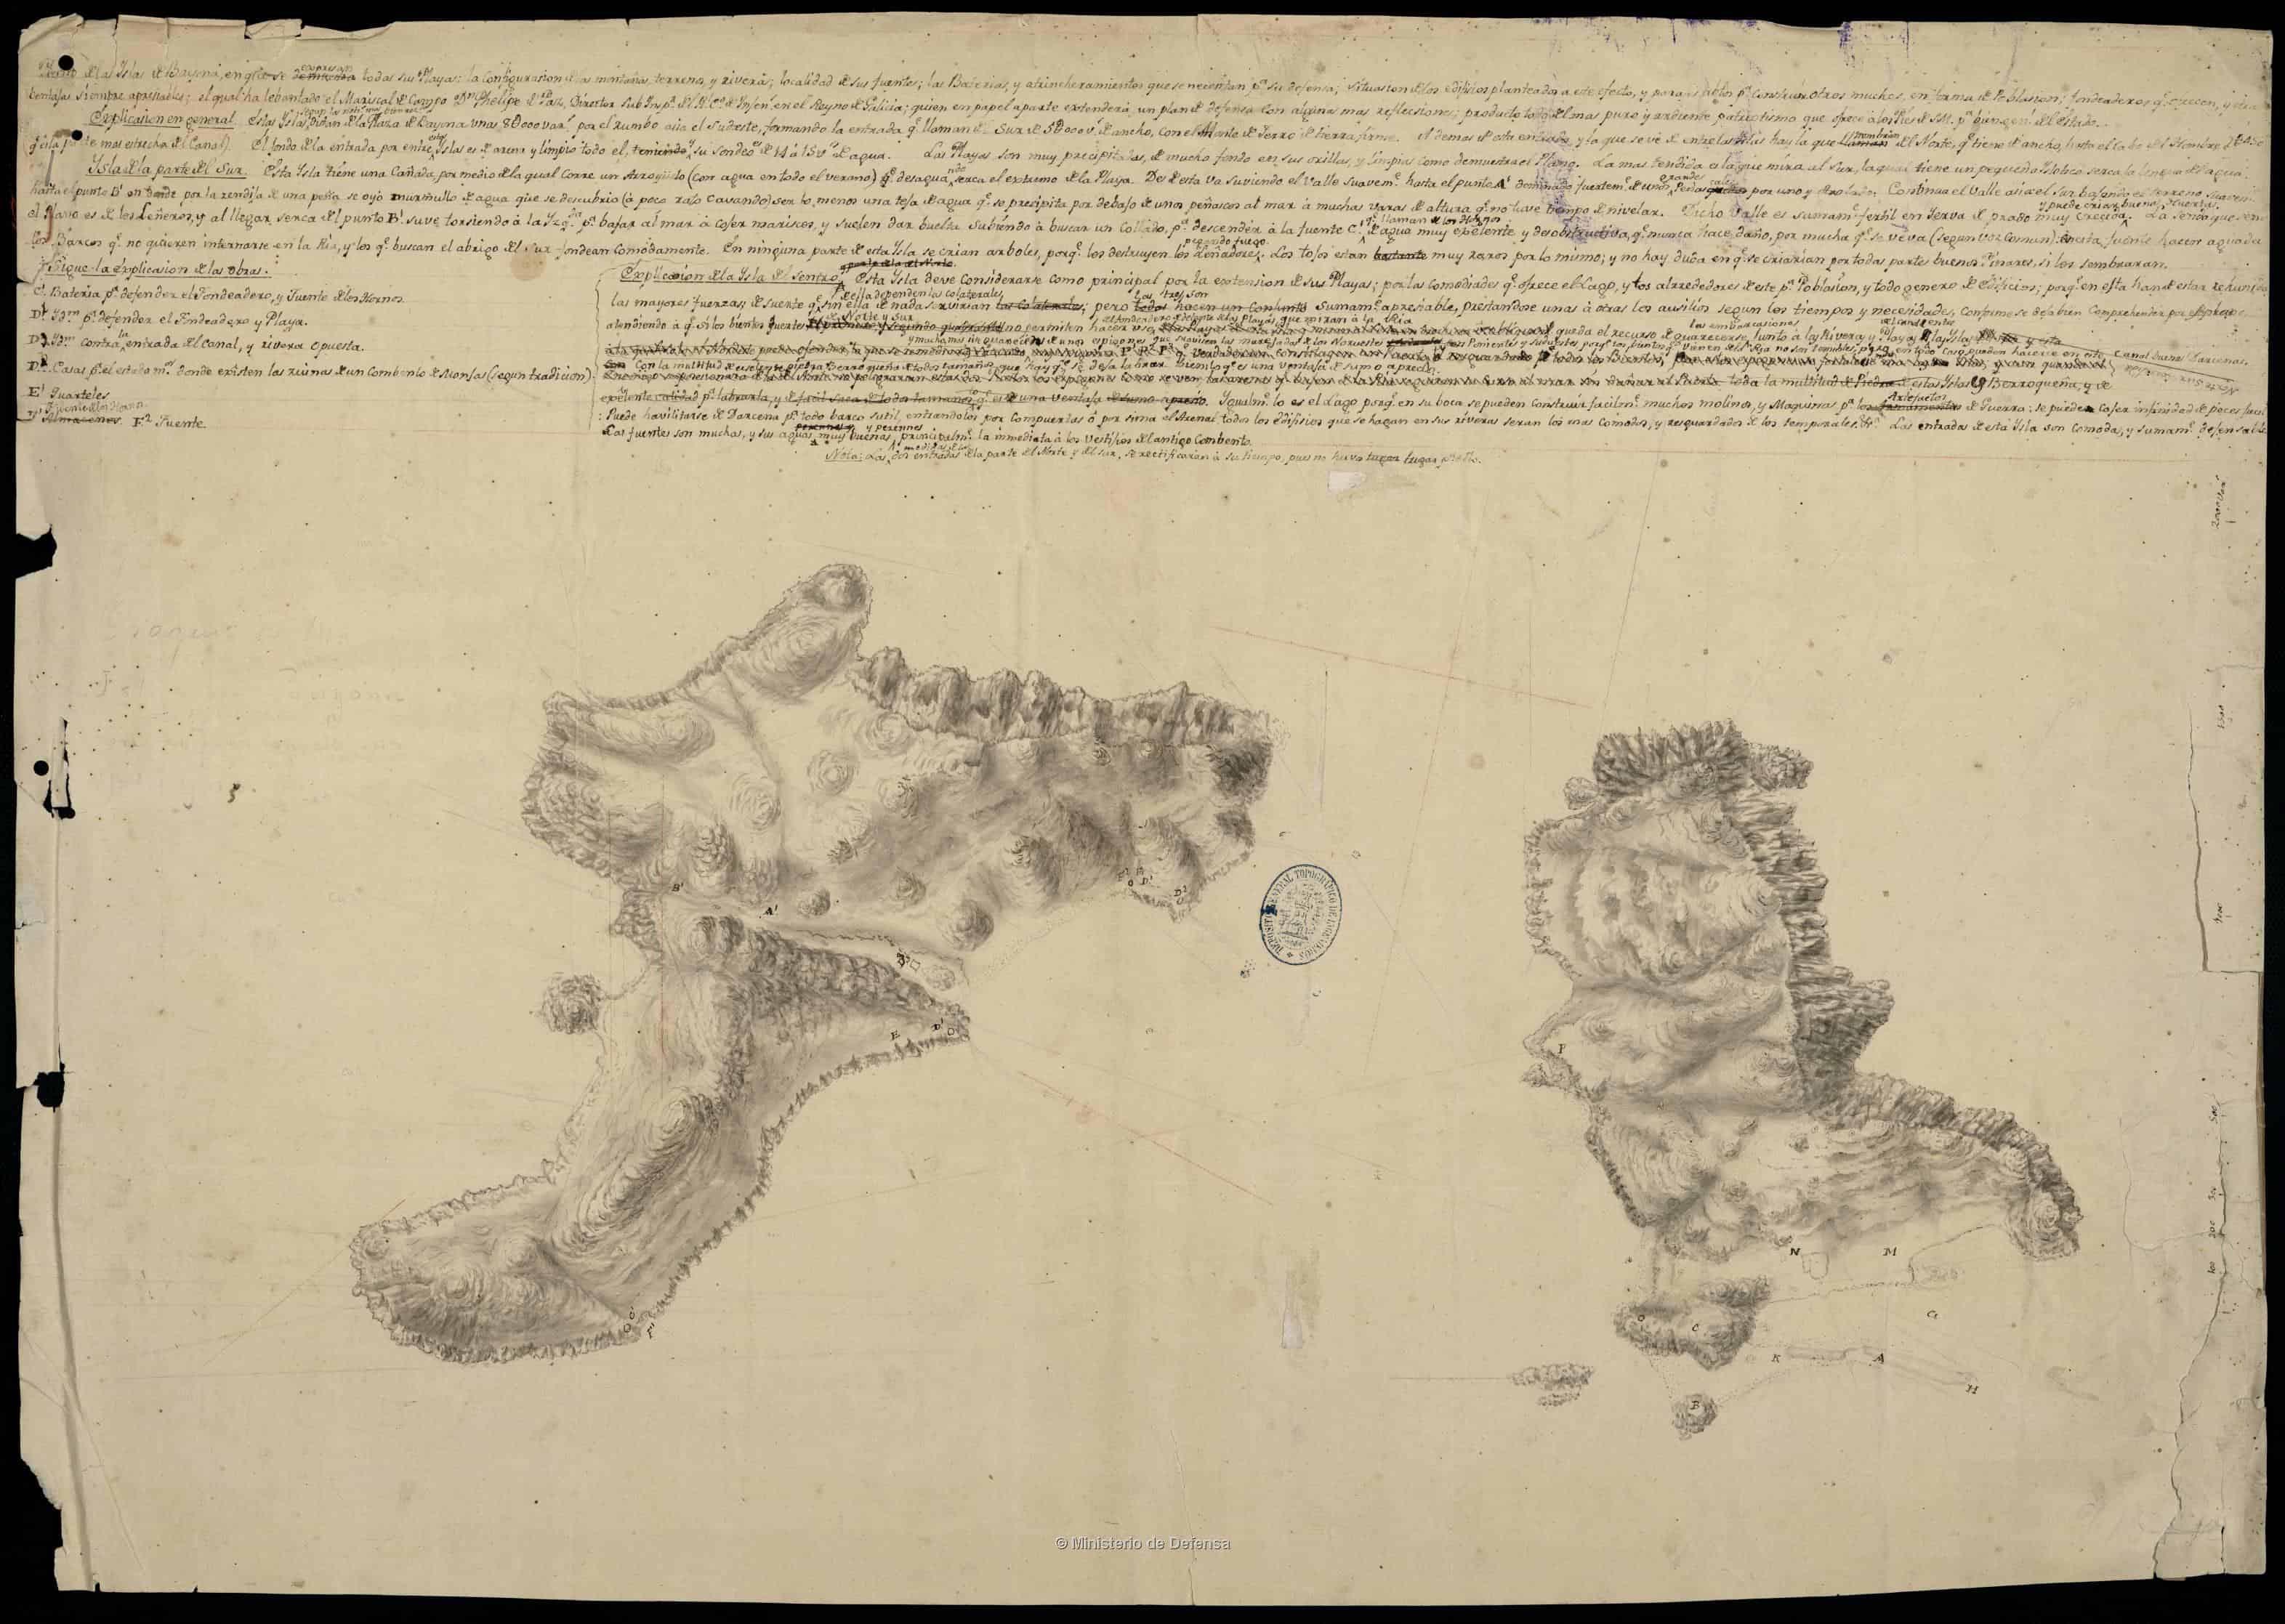 Plano das illas de Baiona, 1810